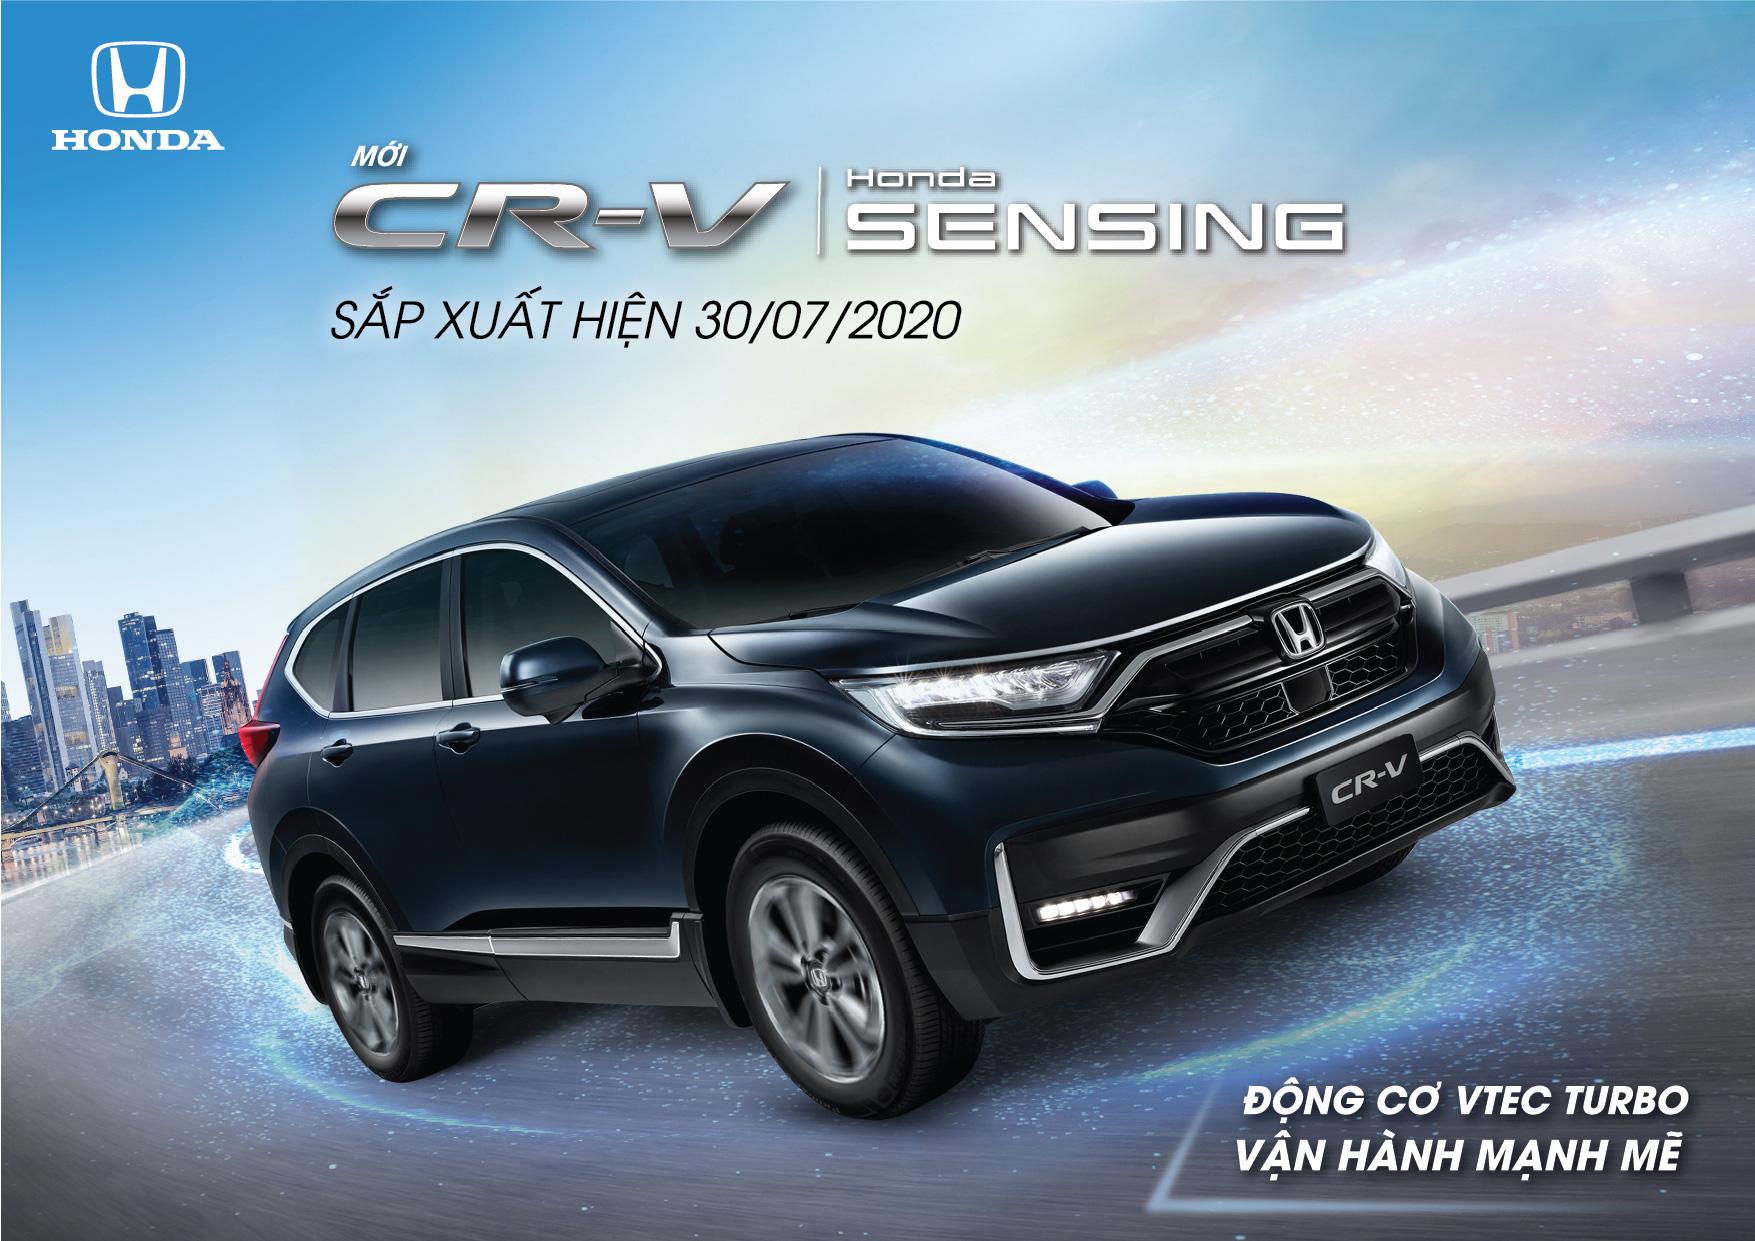 Phiên bản mới Honda CR-V 2020 sắp ra mắt thị trường Việt Nam - Ảnh 1.